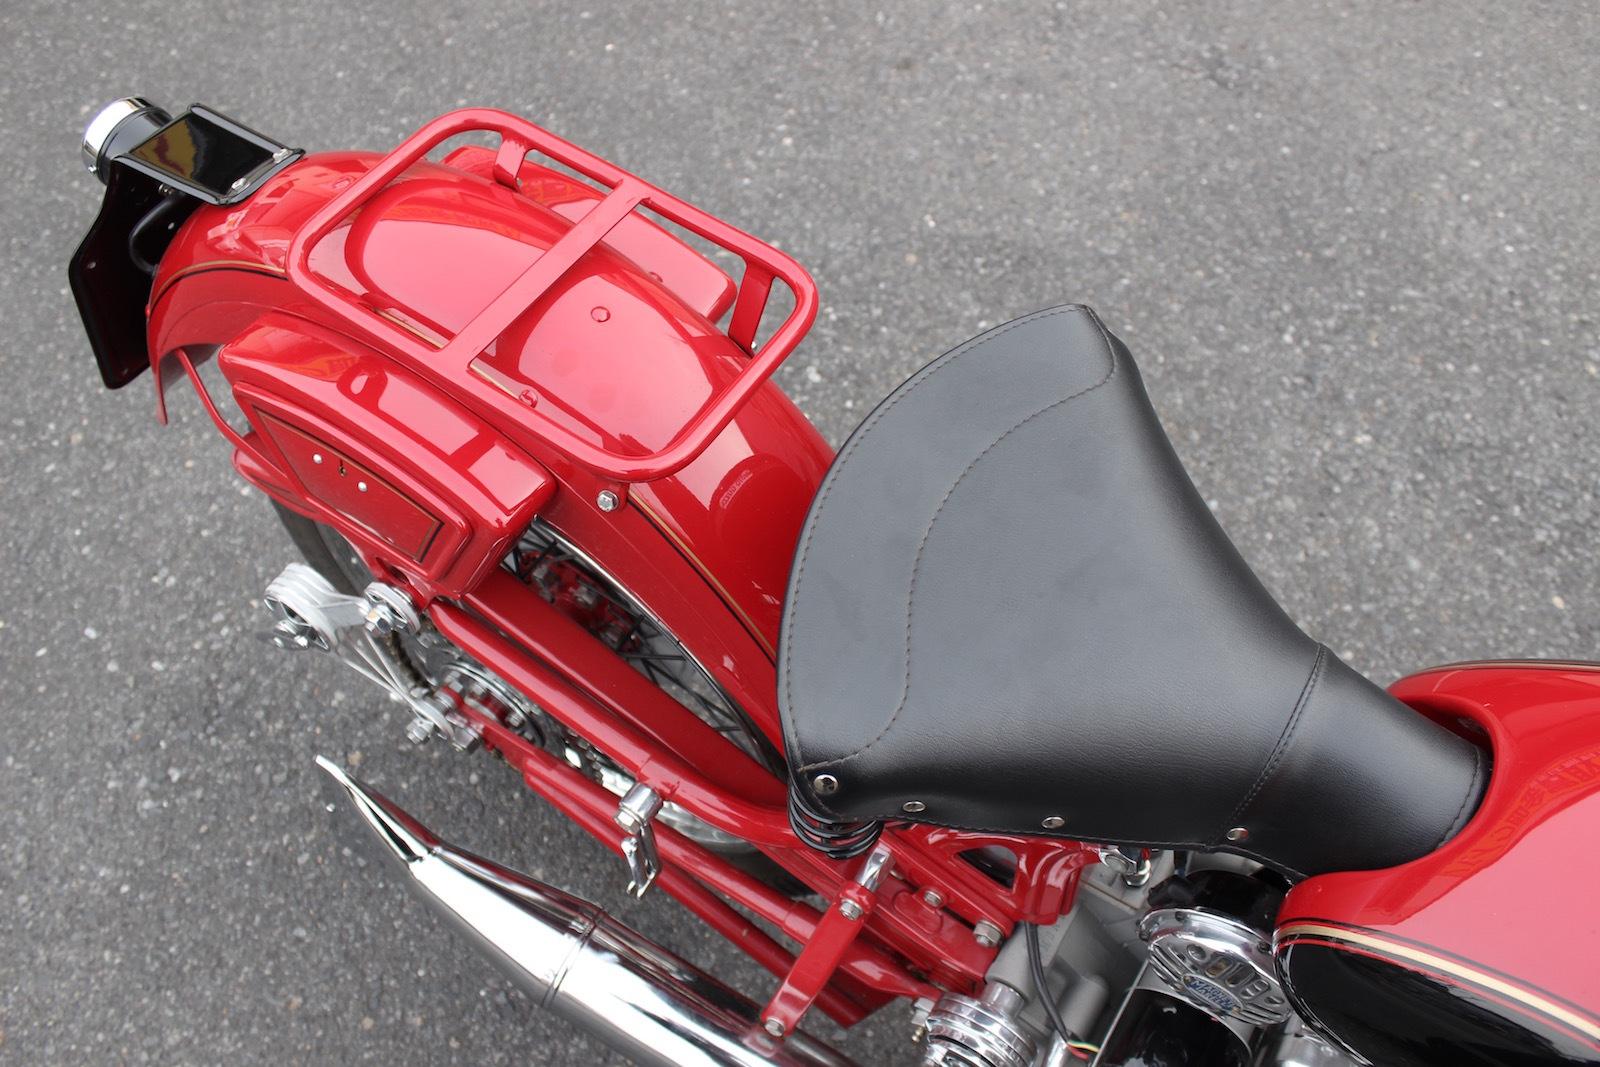 Moto Guzzi Airone Turismo 入荷。_a0208987_17584794.jpg